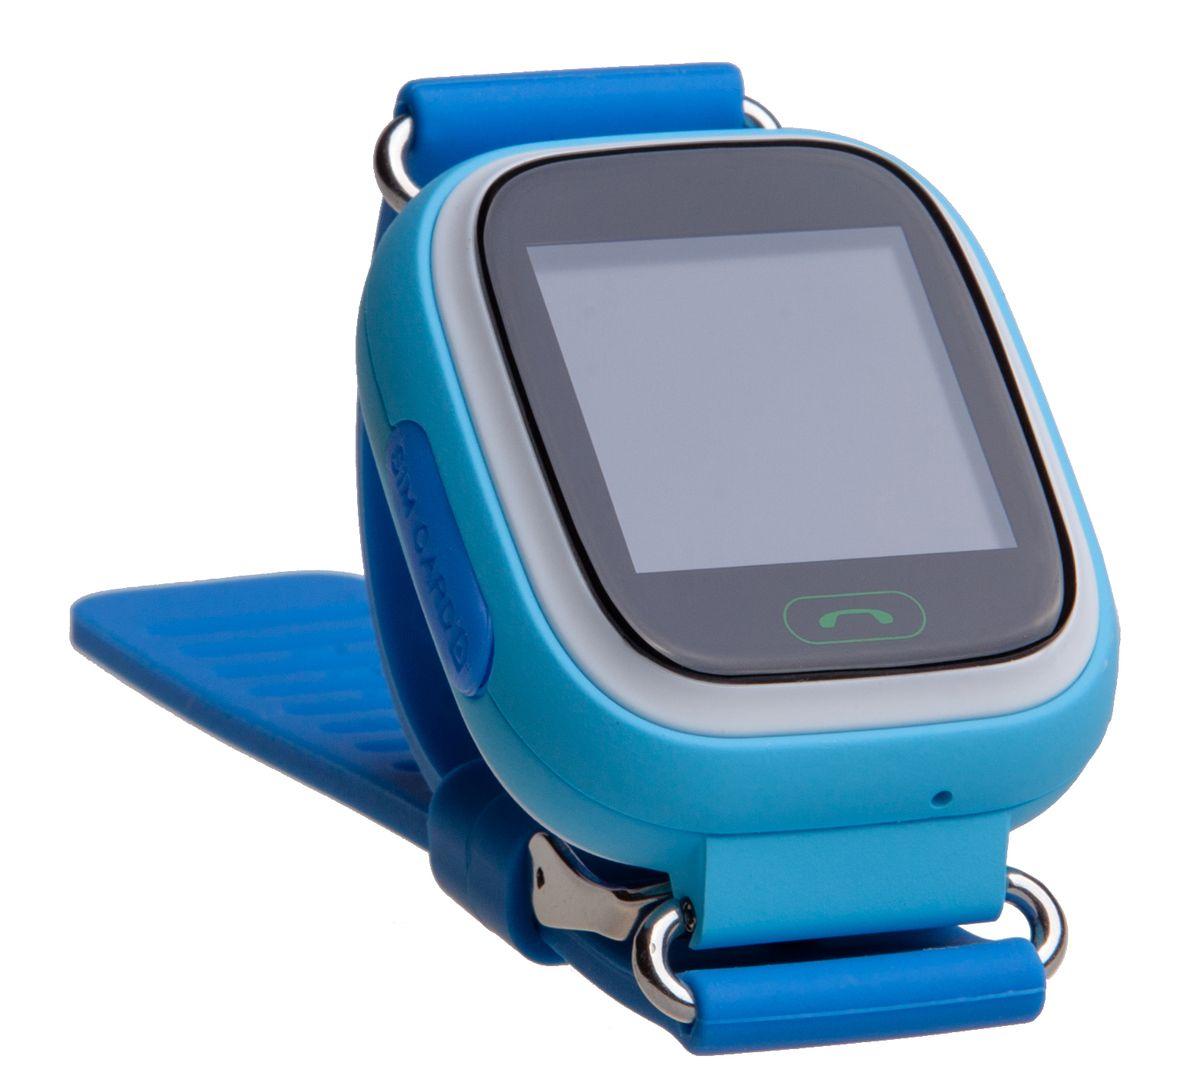 Prolike PLSW90, Light Blue умные детские часыPLSW90BLДетские часы prolike PLSW90 – яркий и надежный аксессуар для Вашего ребенка. Стильные цвета корпуса и цветной, сенсорный экран доставят истинное удовольствие Вашему ребенку. Отличительное качество часов - поддержка Wi-Fi, которая позволяет еще более точно отследить местонахождение Вашего ребенка. В часах есть весь необходимый функционал: шагомер, будильник, предупреждение о снятии устройства и прочее. Любые изменения состояния ребенка (количество шагов, маршрут, любая физическая активность) могут быть актуализированы с помощью установленного приложения. Ваш ребенок сможет смело познавать мир, и Вы будете в полной уверенности, что с ним все в порядке!